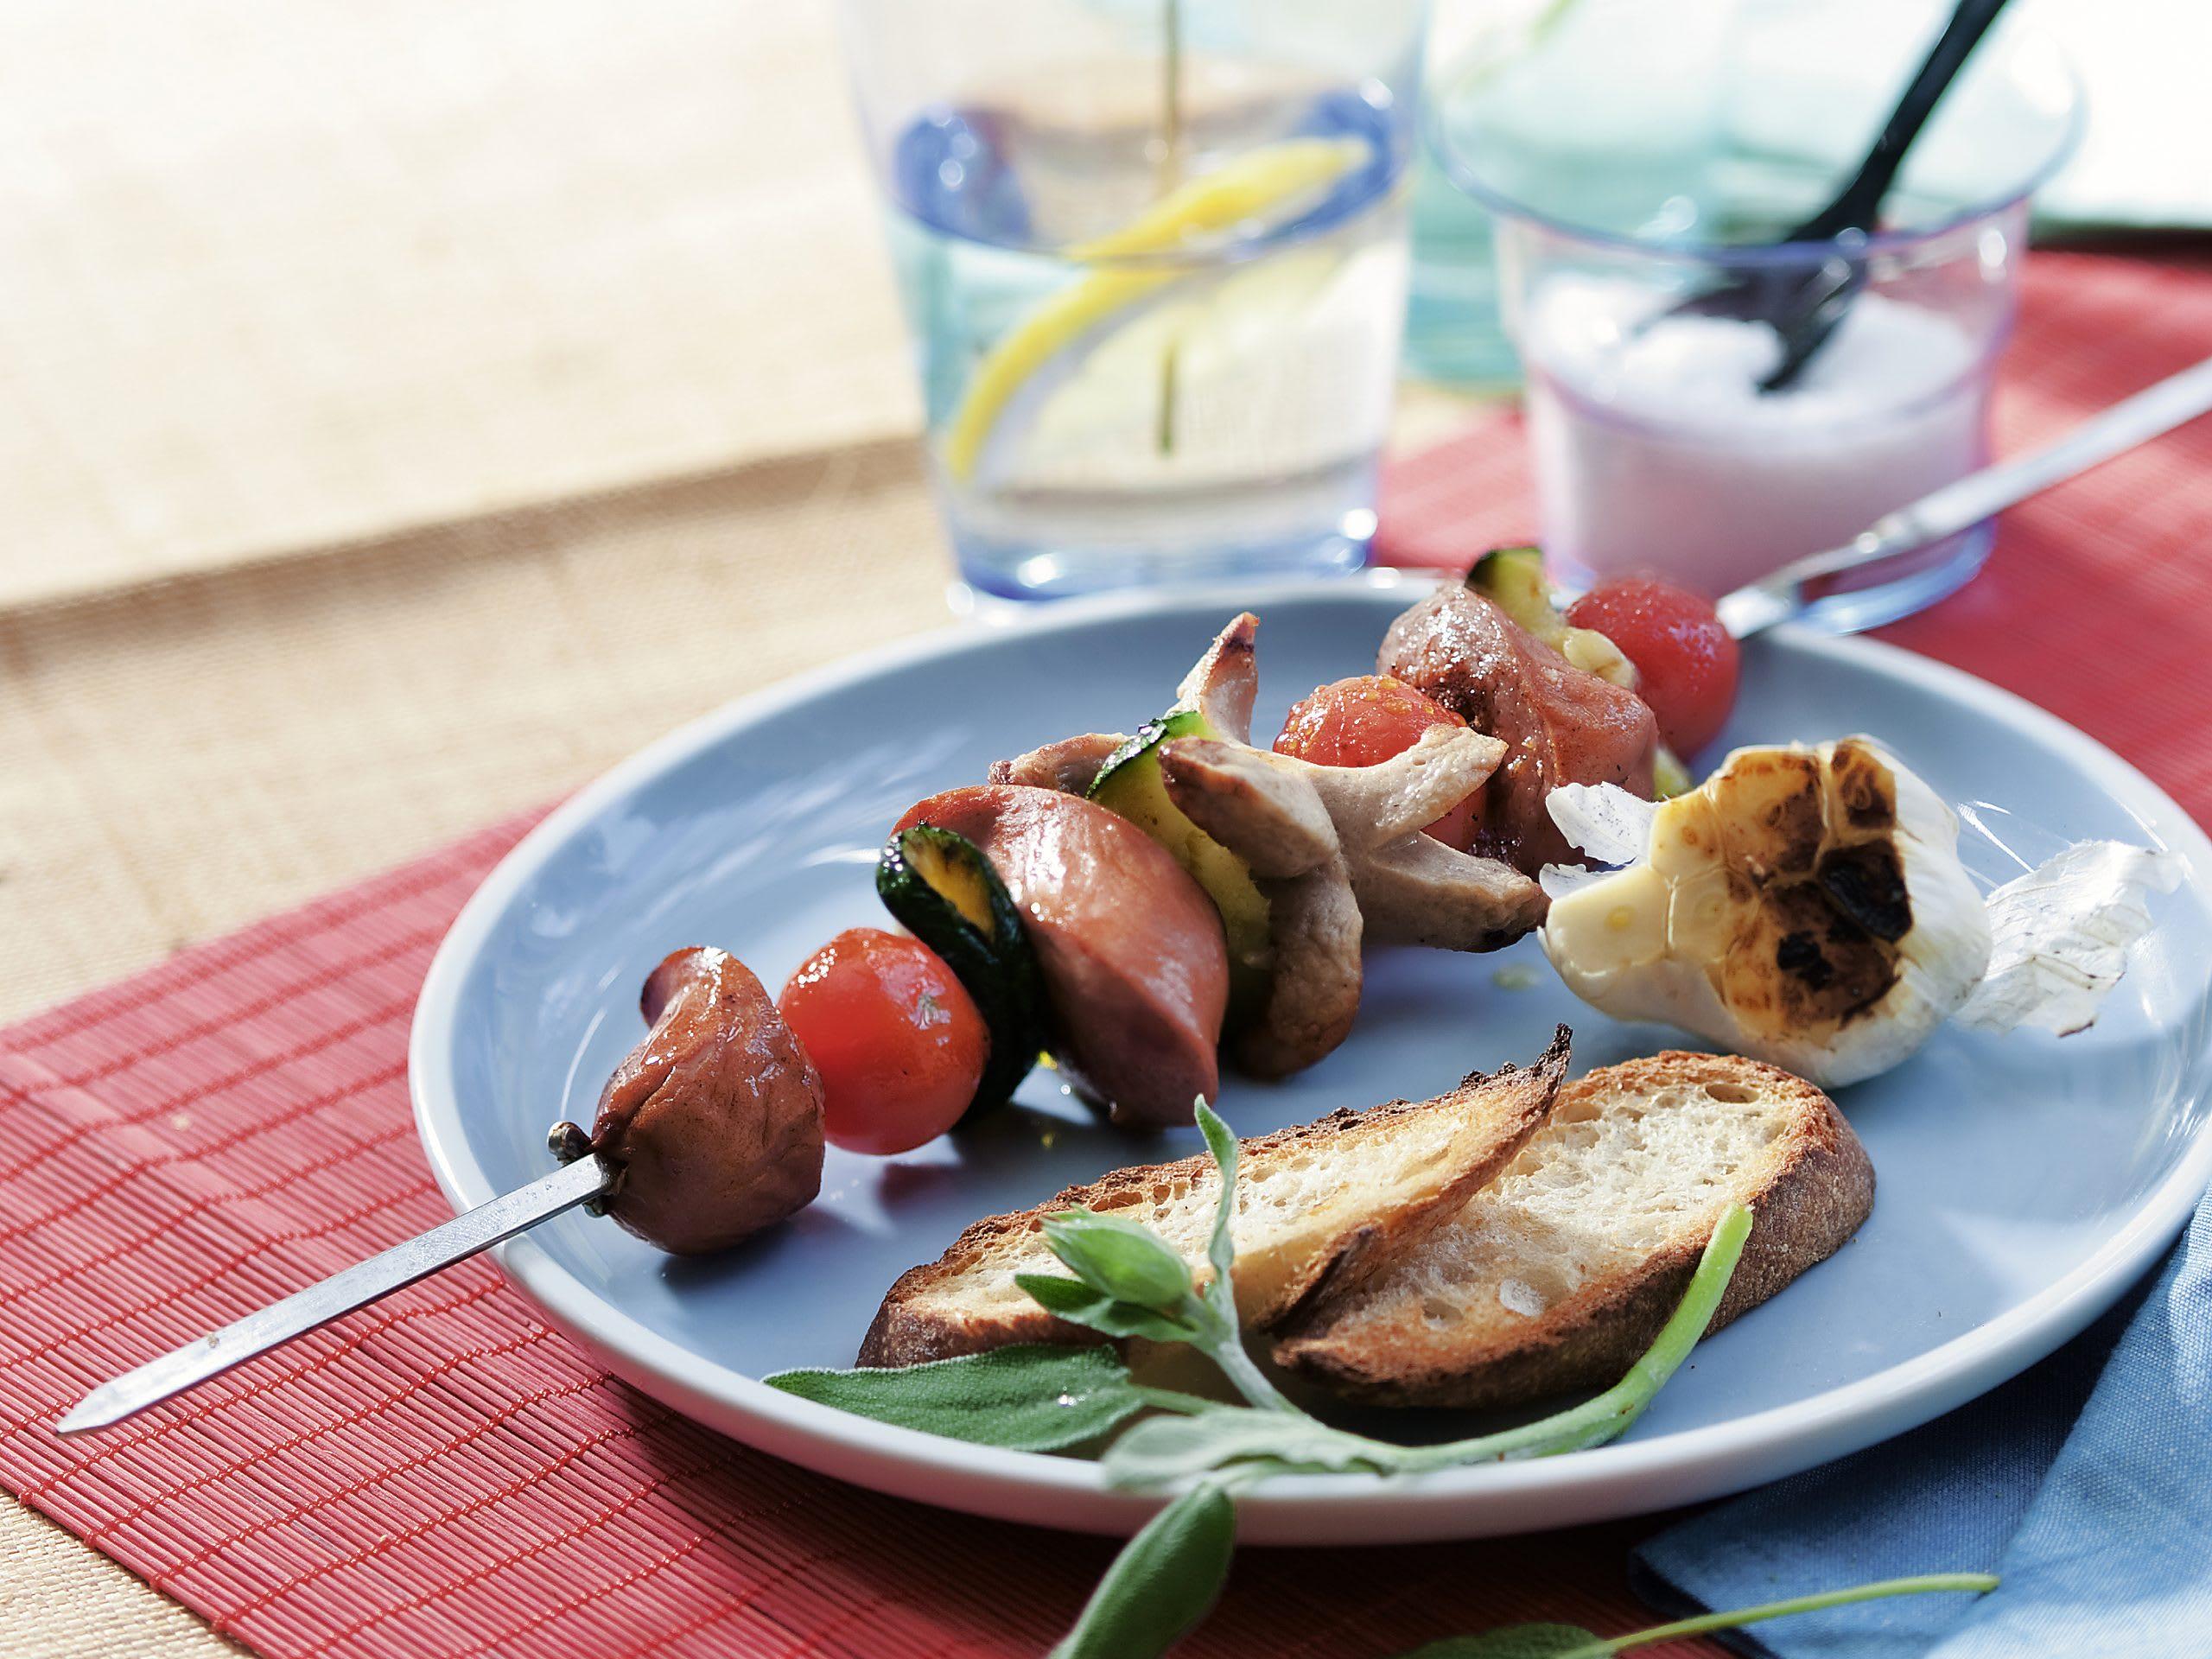 Brochettes de saucisses multicolores au barbecue